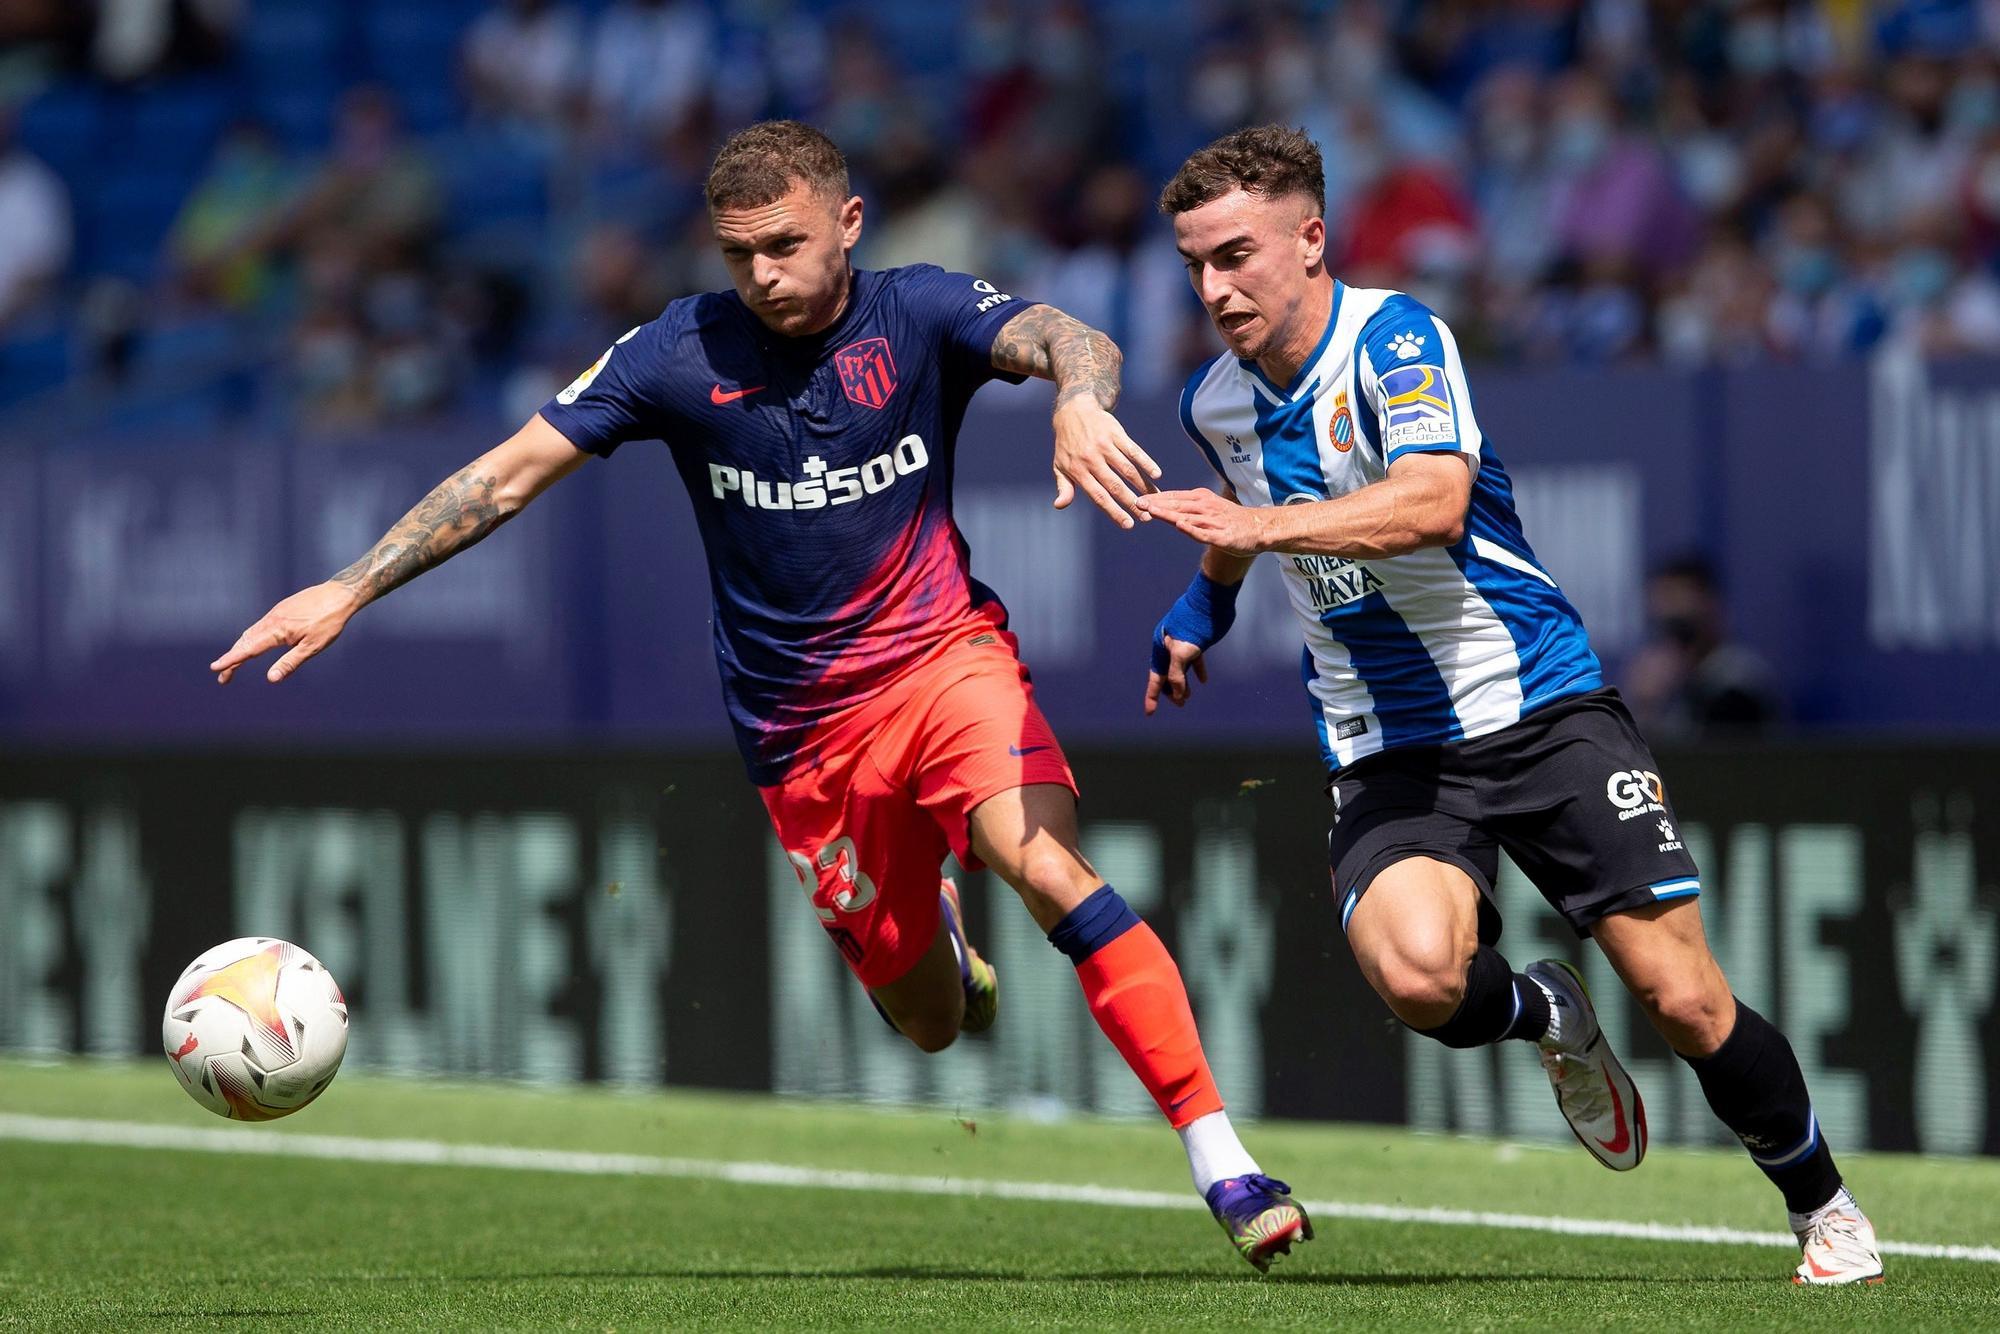 LaLiga Santander: Espanyol - Atlético de Madrid